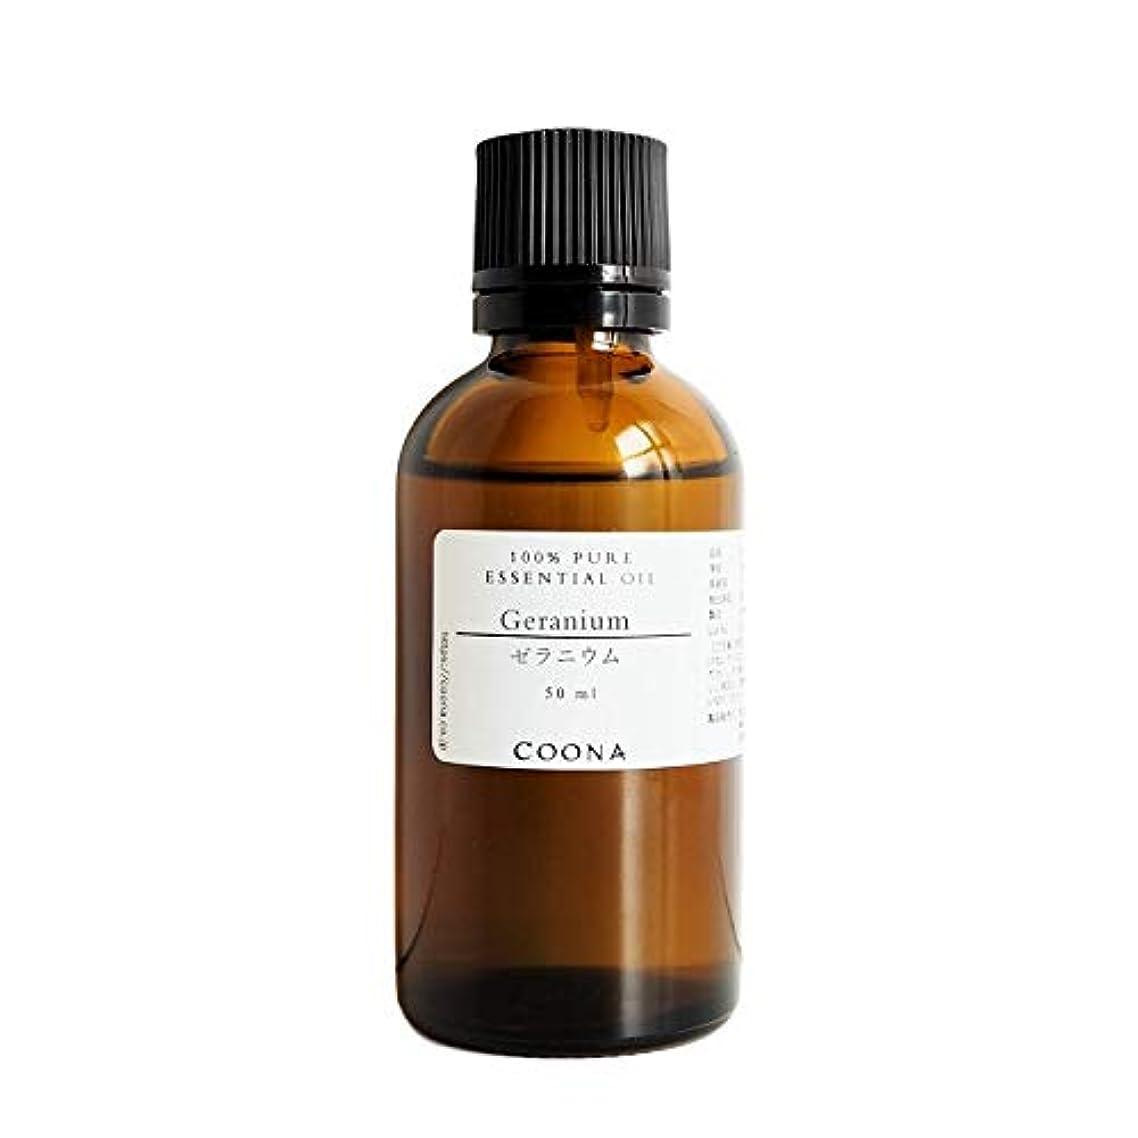 デジタル絶縁する成熟したゼラニウム 50 ml (COONA エッセンシャルオイル アロマオイル 100%天然植物精油)